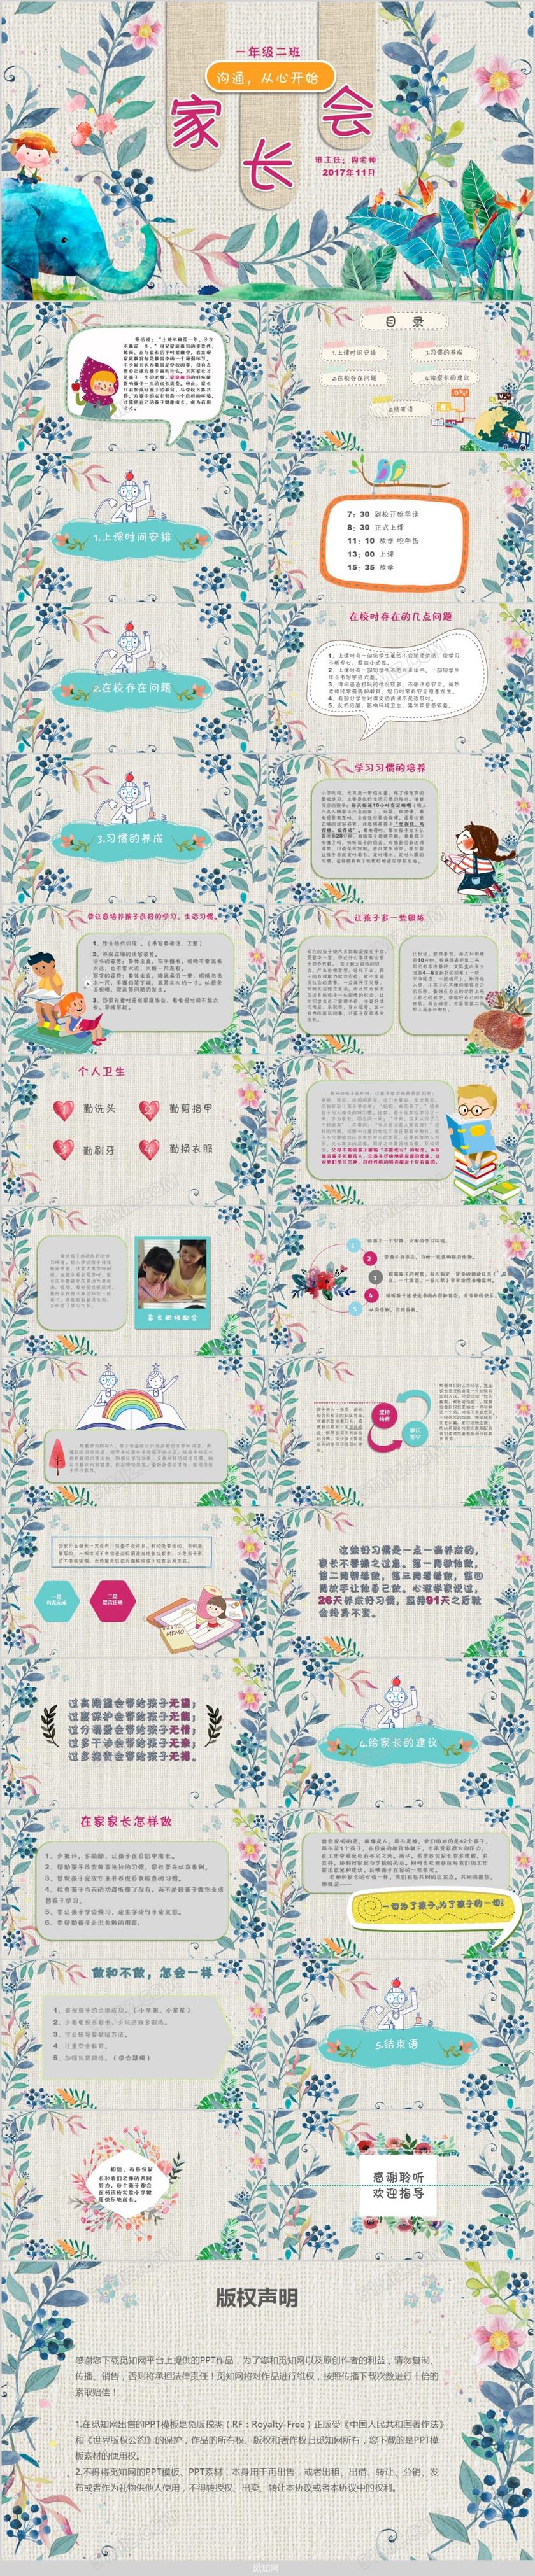 标签: 小学 幼儿园家长会 清新花卉 水彩艺术炫彩风 卡通可爱